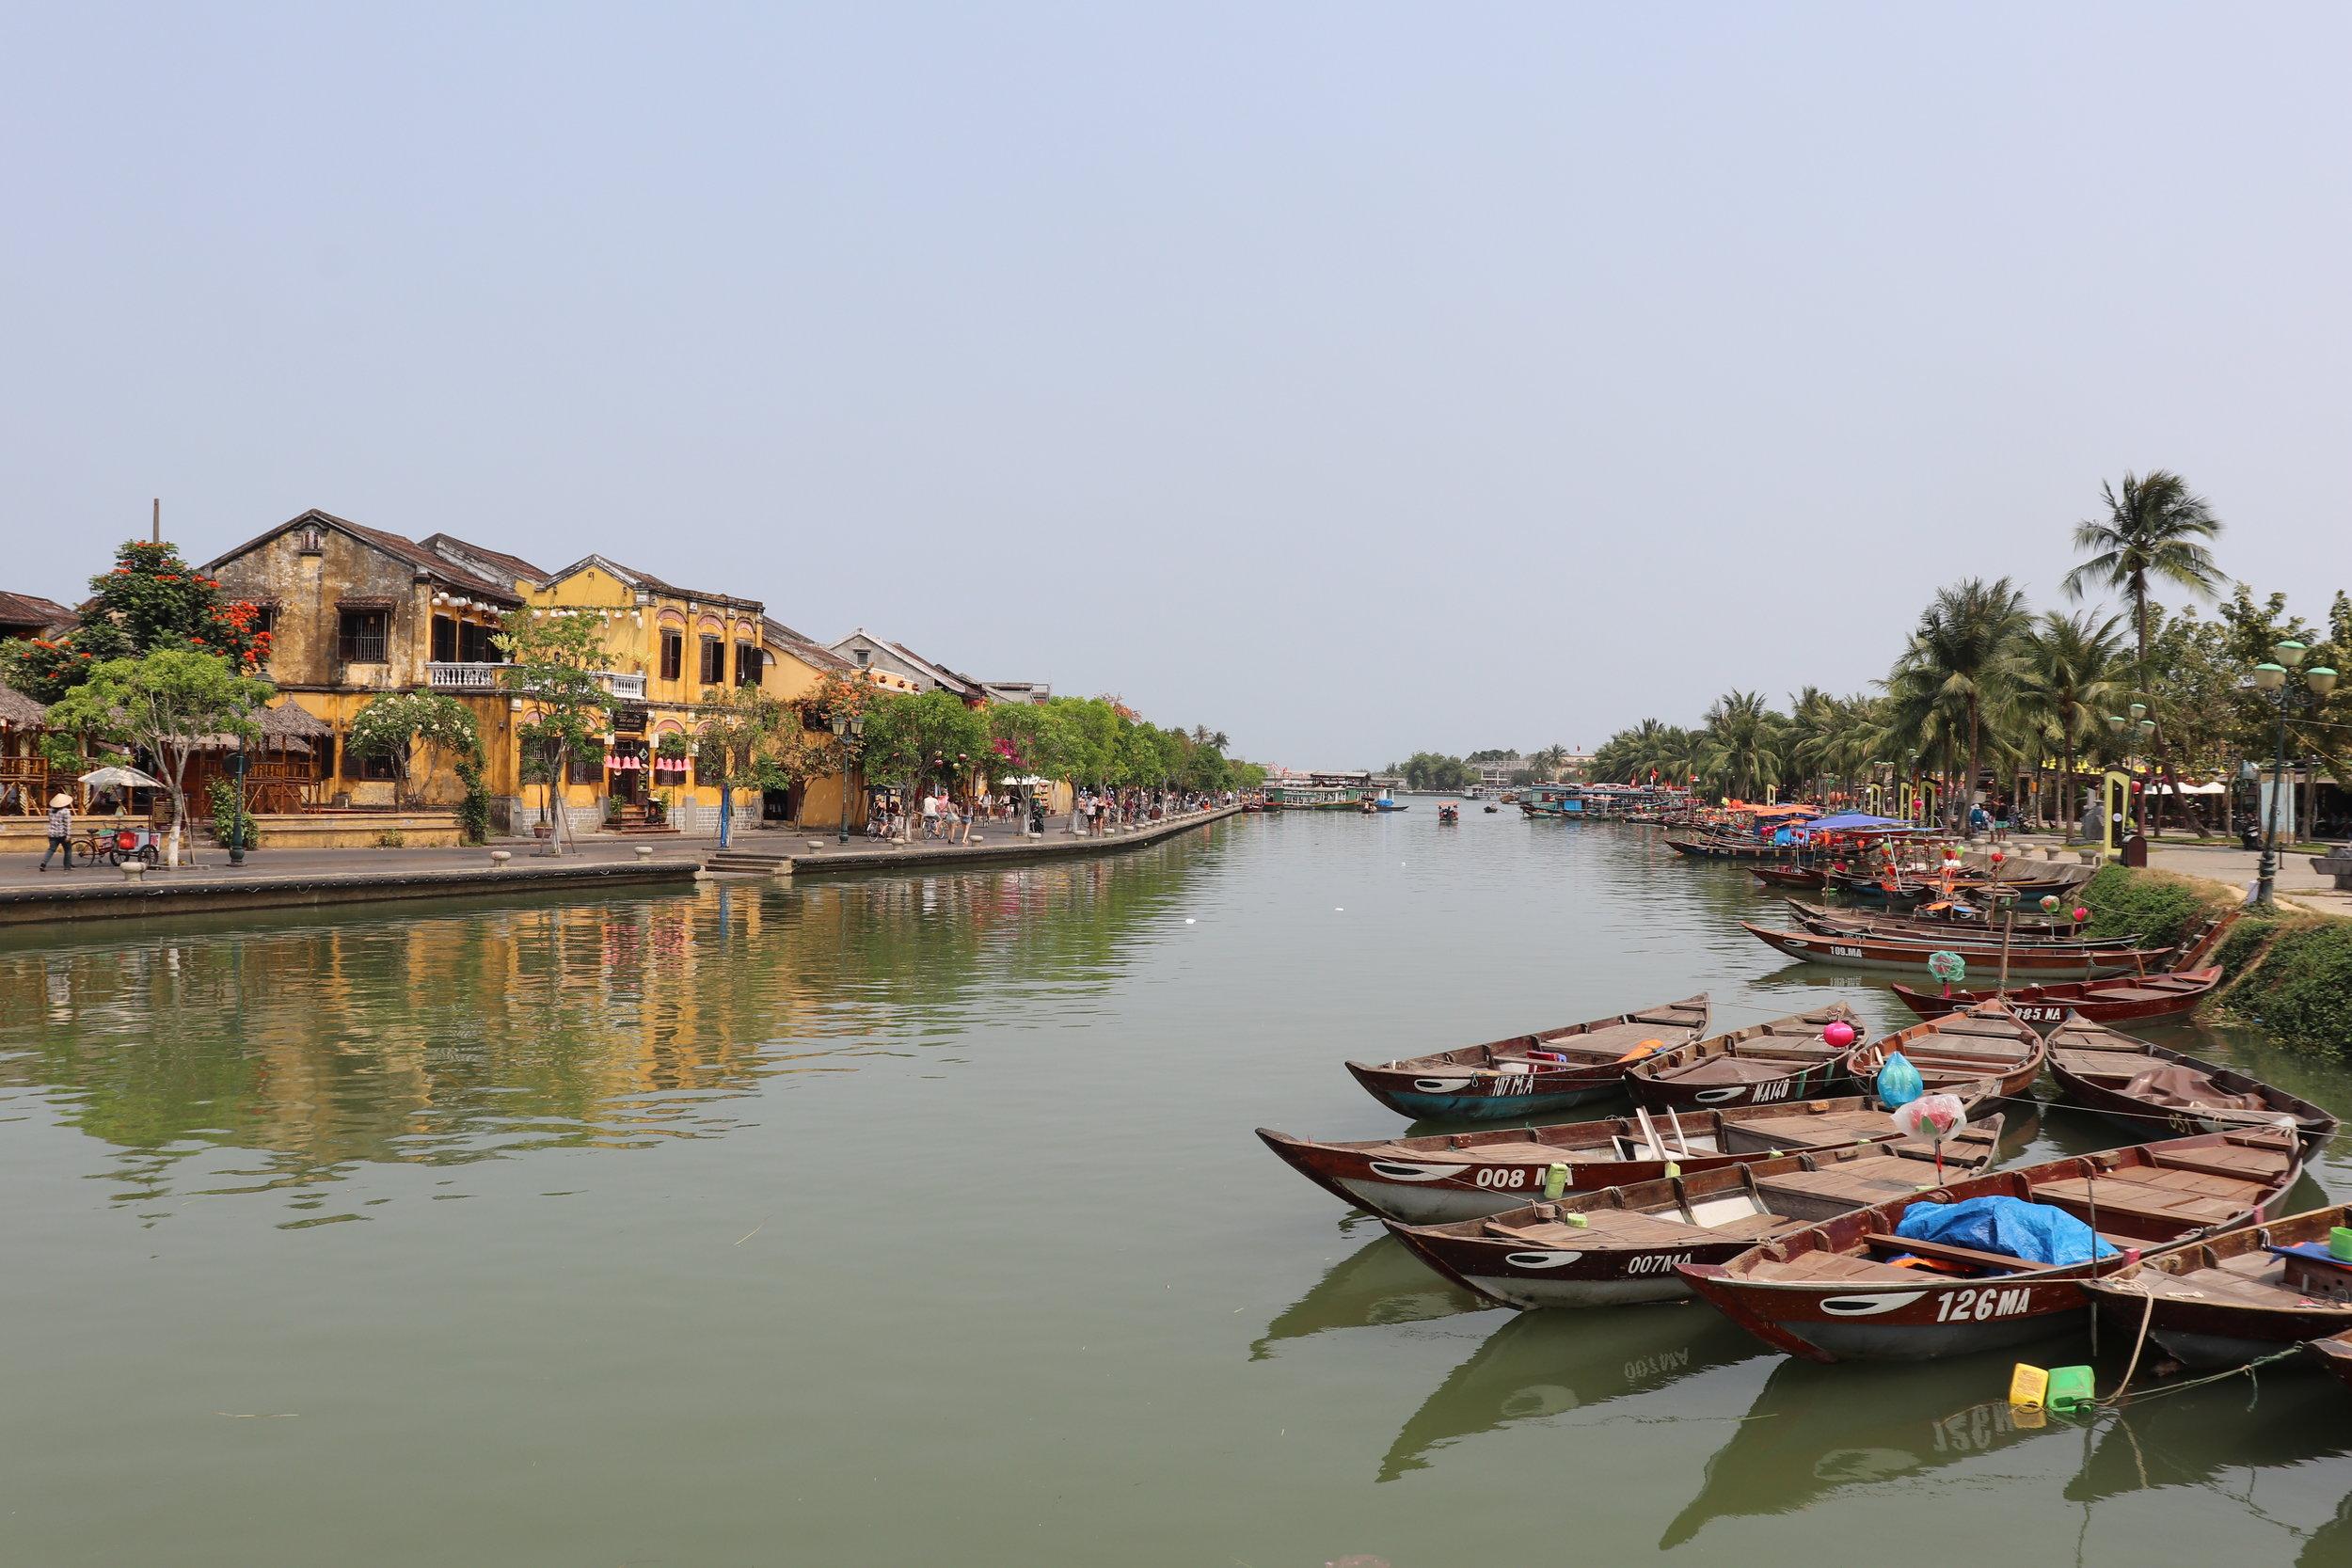 Hoi An - Ancient Town